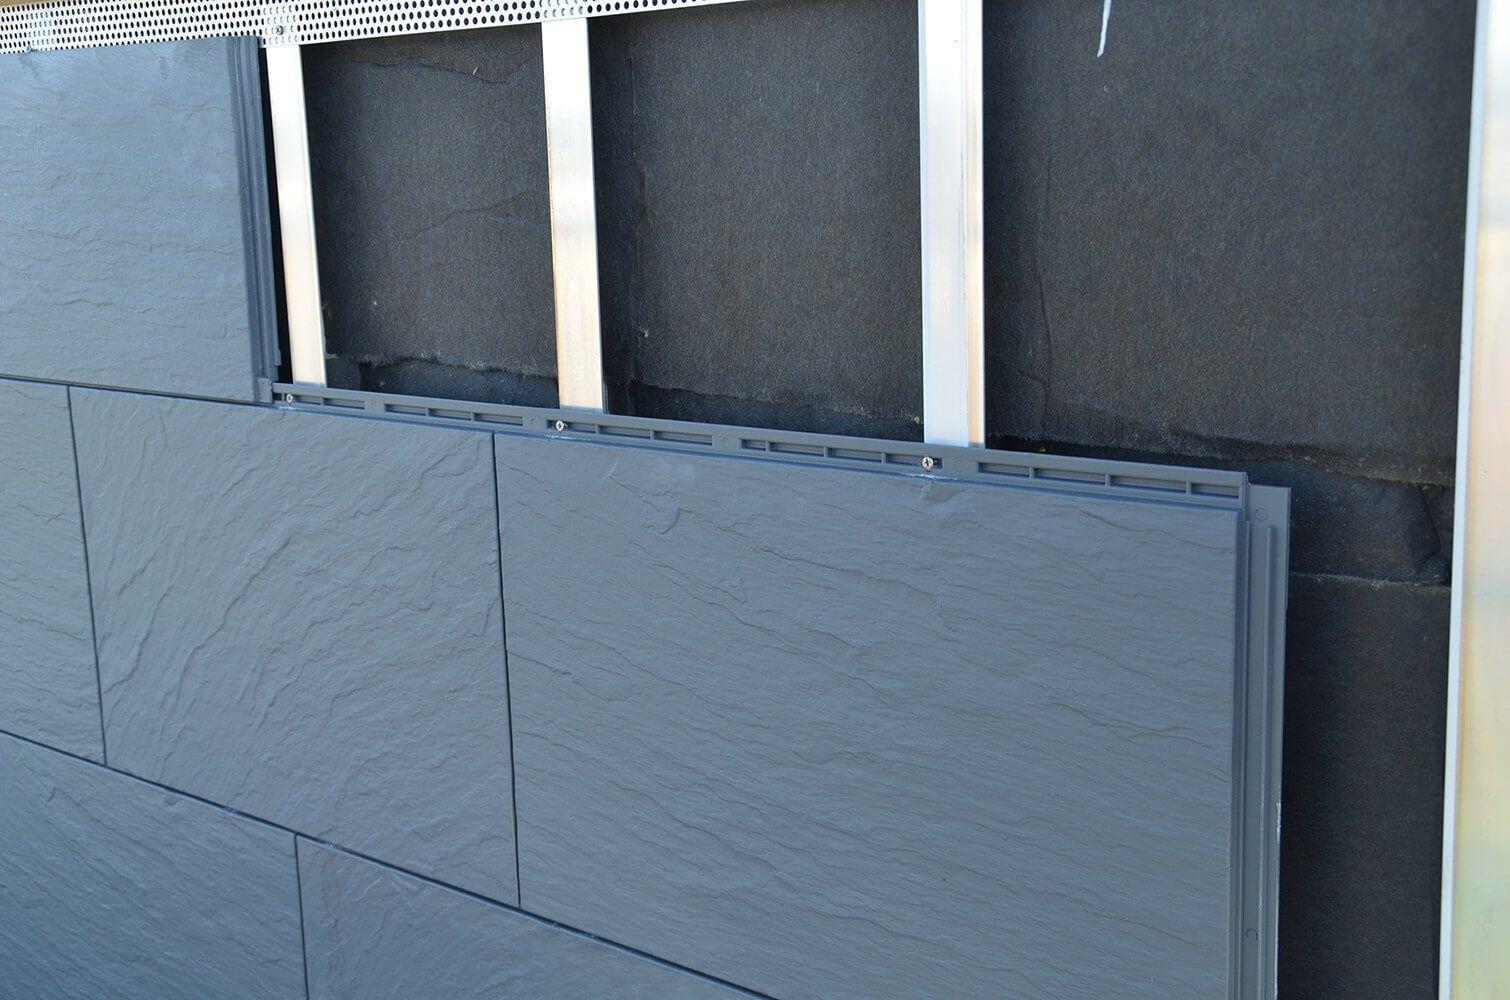 Kaufe Zierer Fassadenplatten Schiefer Optik Ss1 Gfk Anthrazit Von Zierer In 2020 Outdoor Storage Box Outdoor Decor Facade